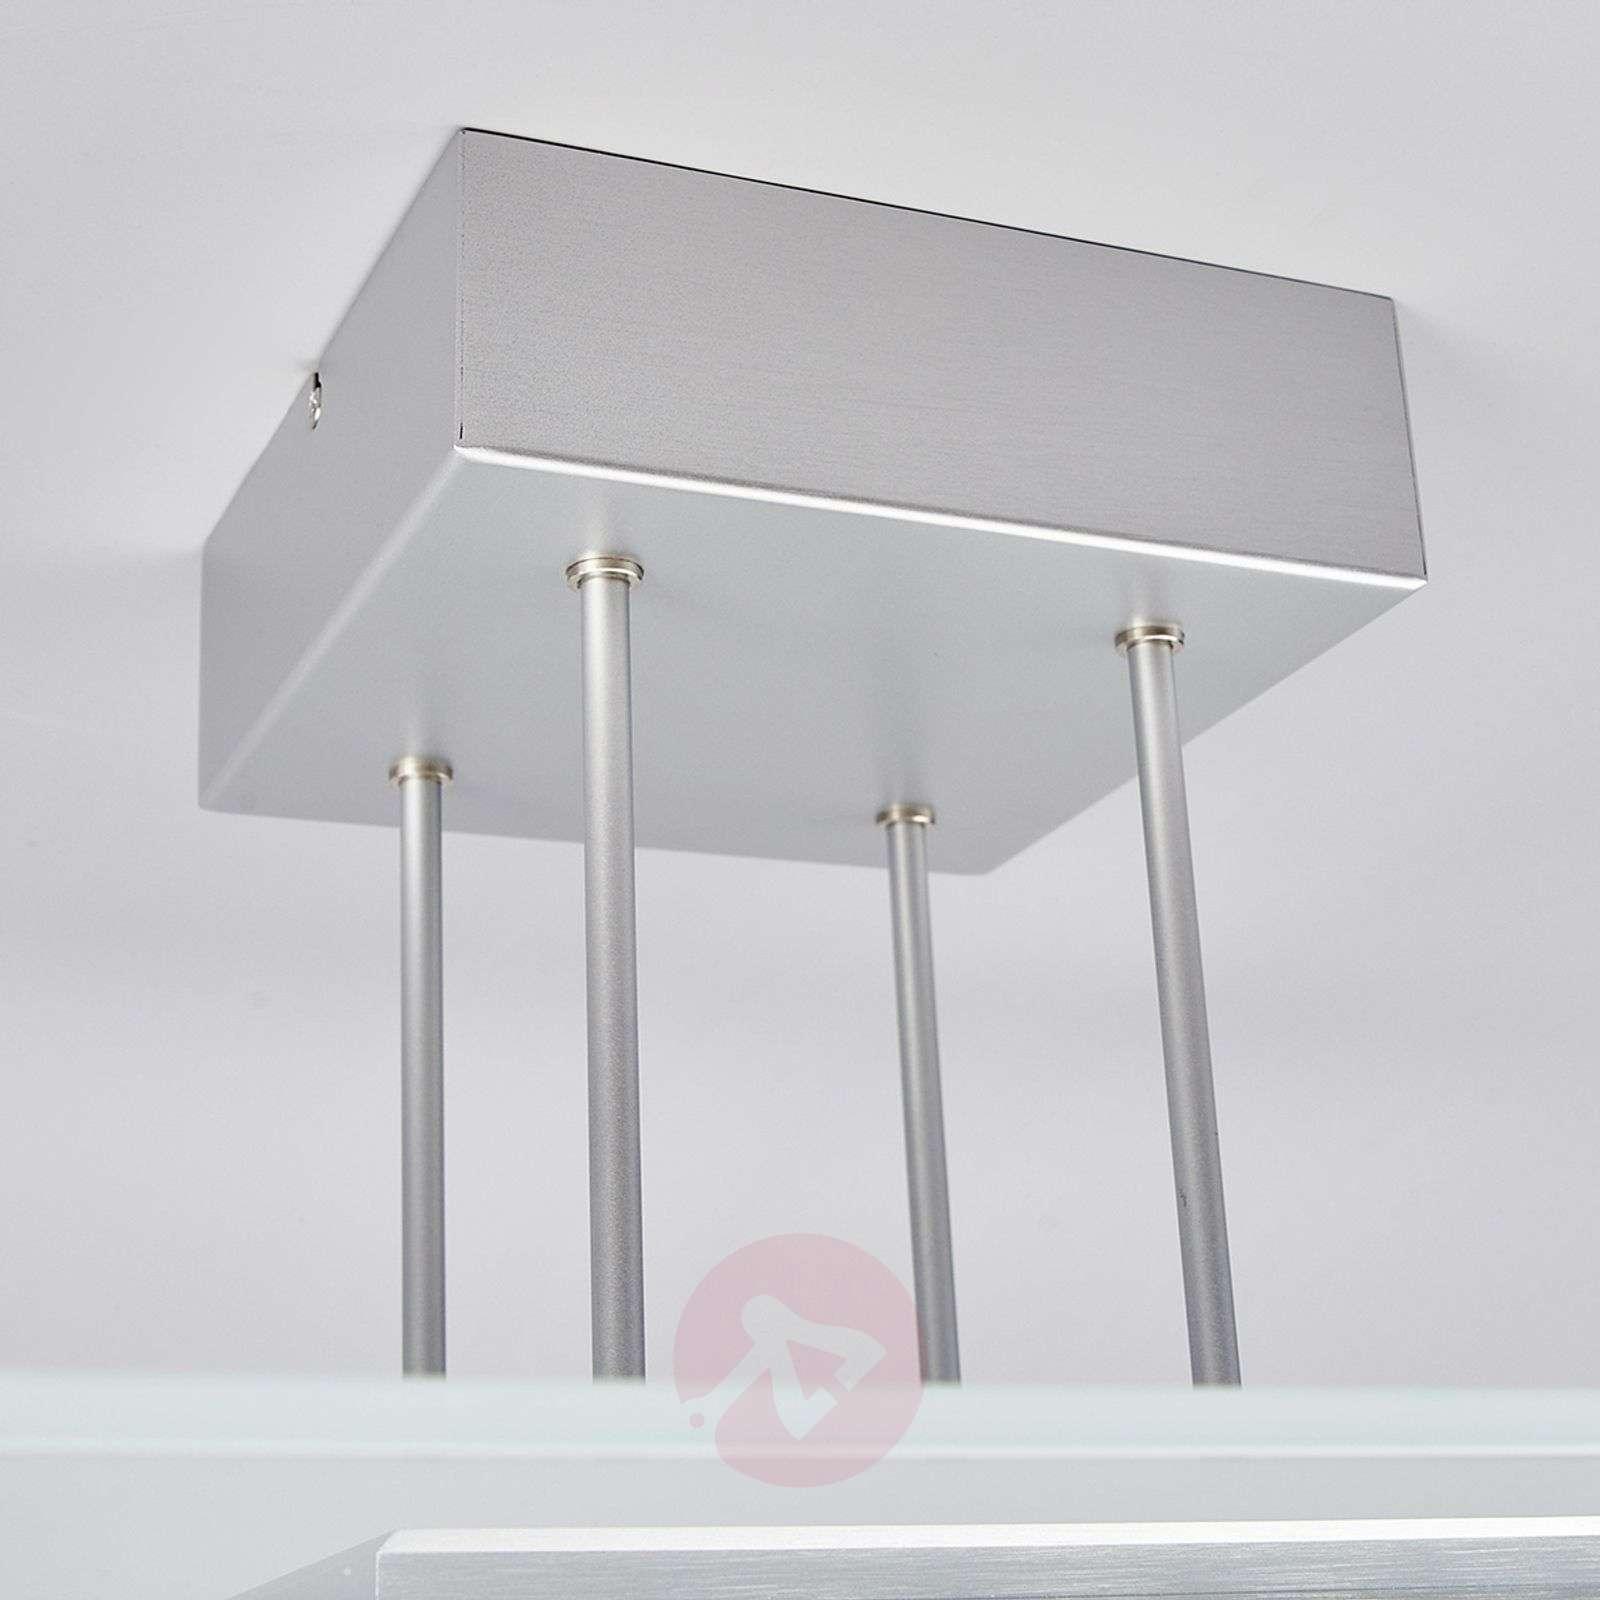 Lola laadukas LED-kattovalaisin-6722117-01